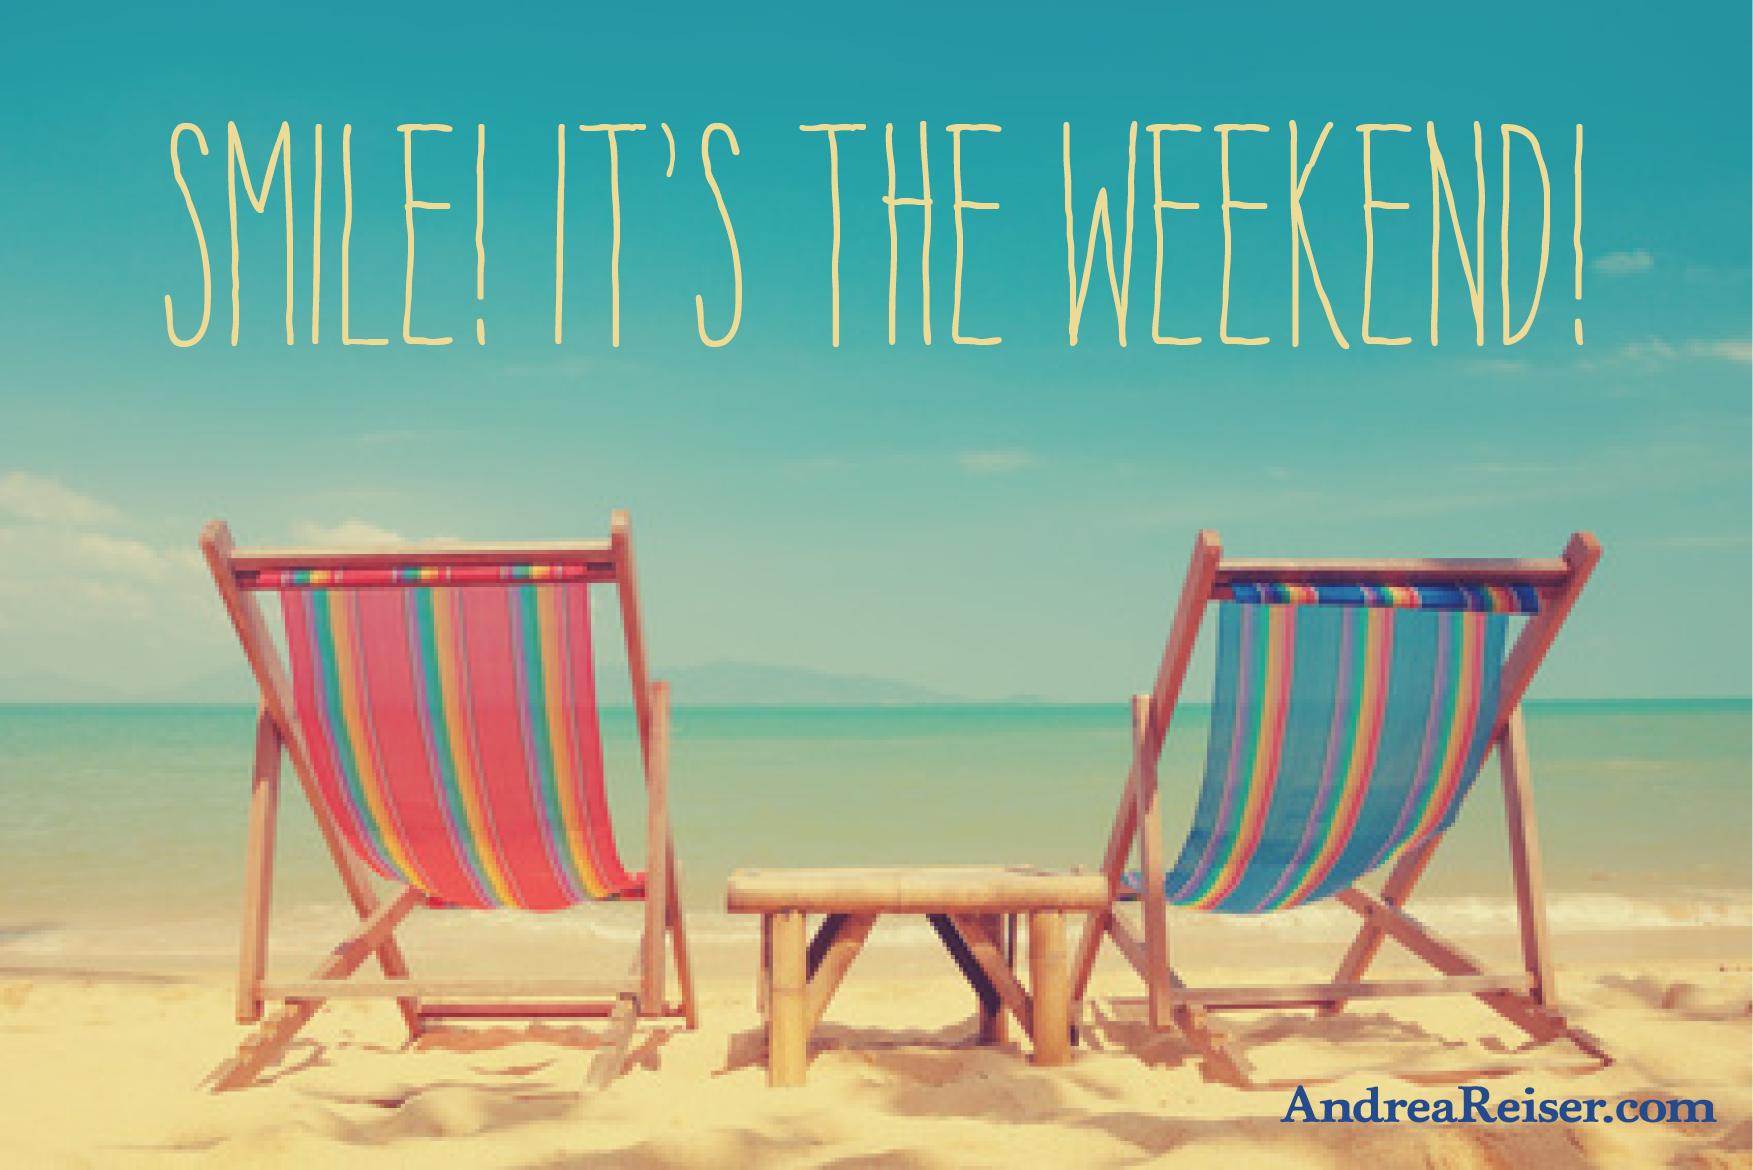 Smile! It's the Weekend! - Andrea Reiser Andrea Reiser